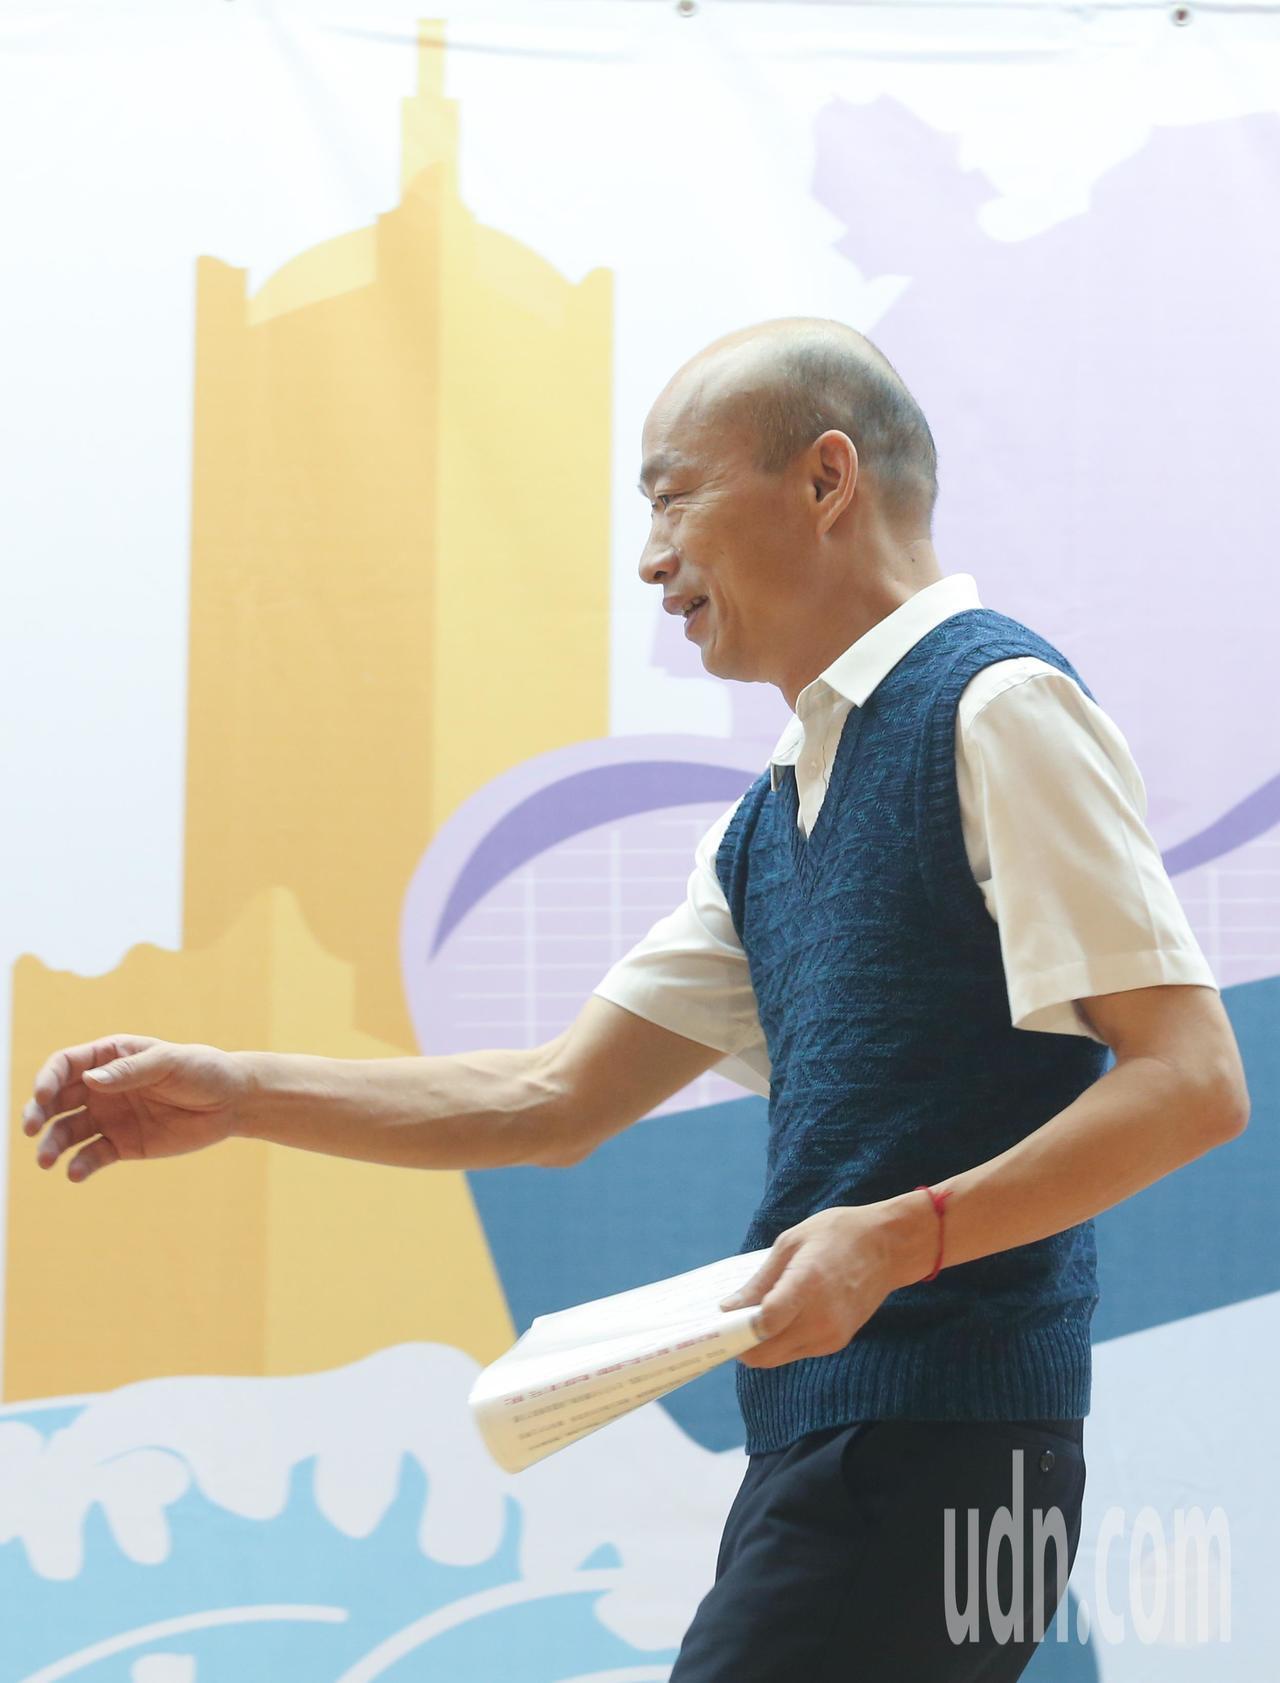 高雄市長韓國瑜下午參加高雄勞工局在台北舉辦的「開薪回高雄」徵才活動,現場超過25...